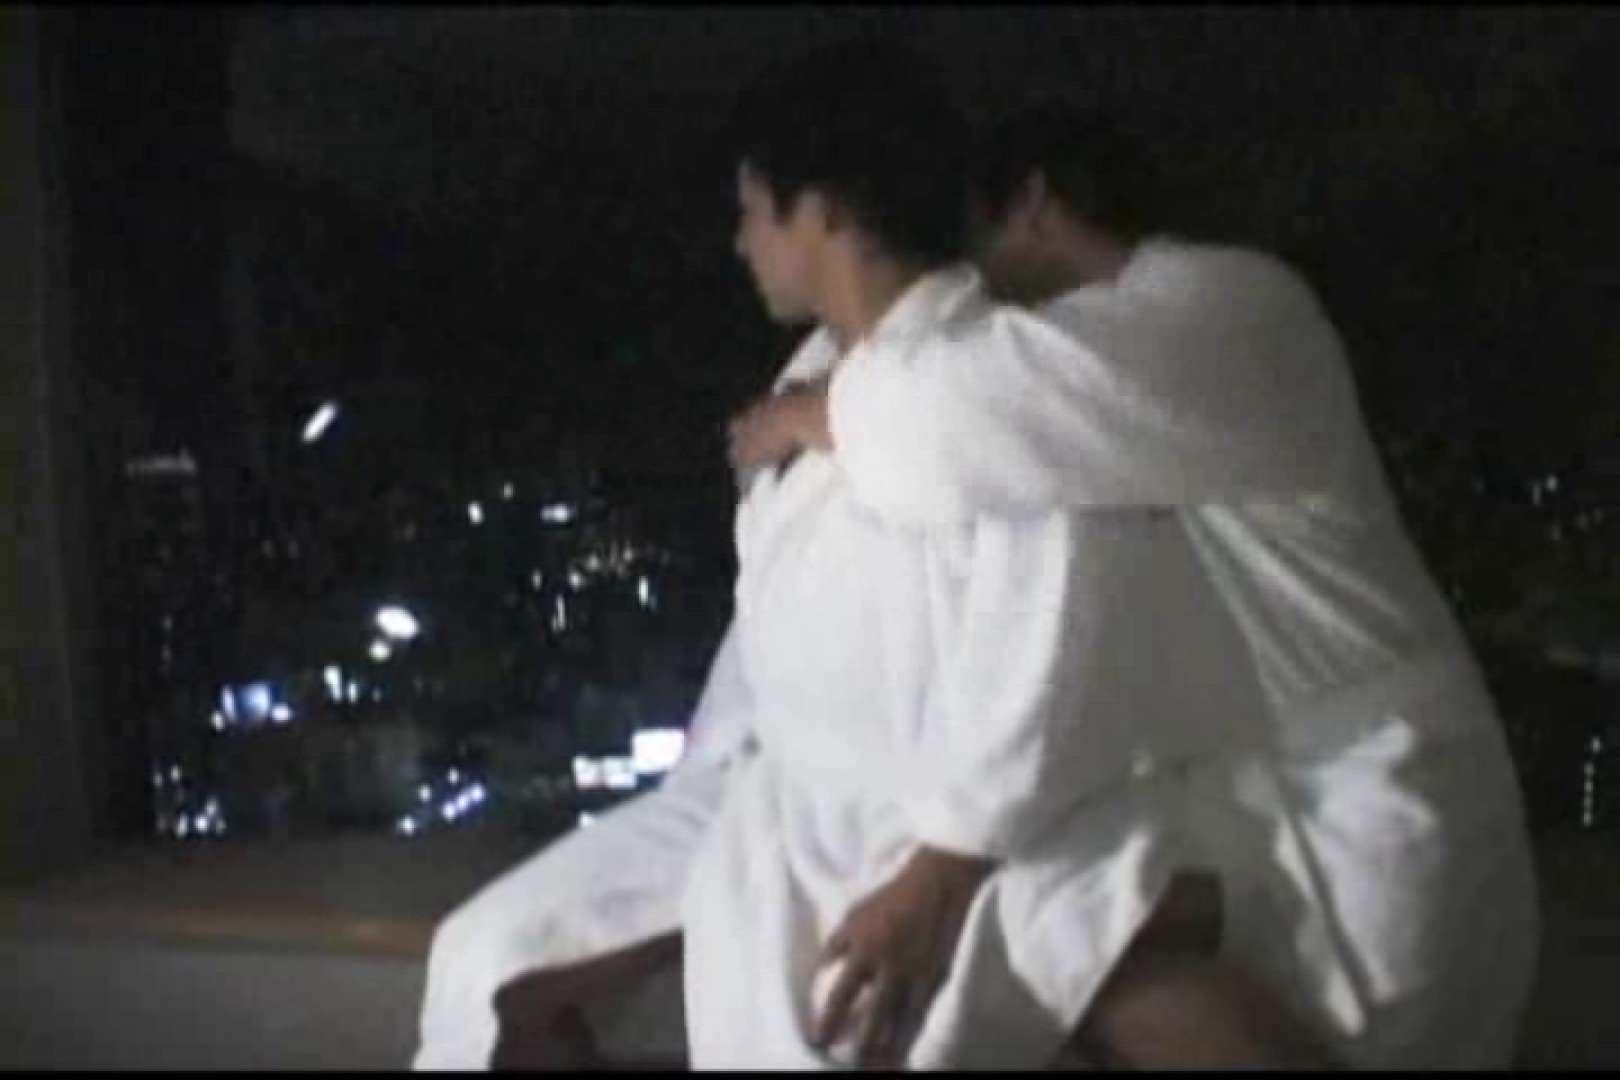 ホテルで密会!!夜景をバックに濃密ファック!! 手淫 AV動画 97枚 1